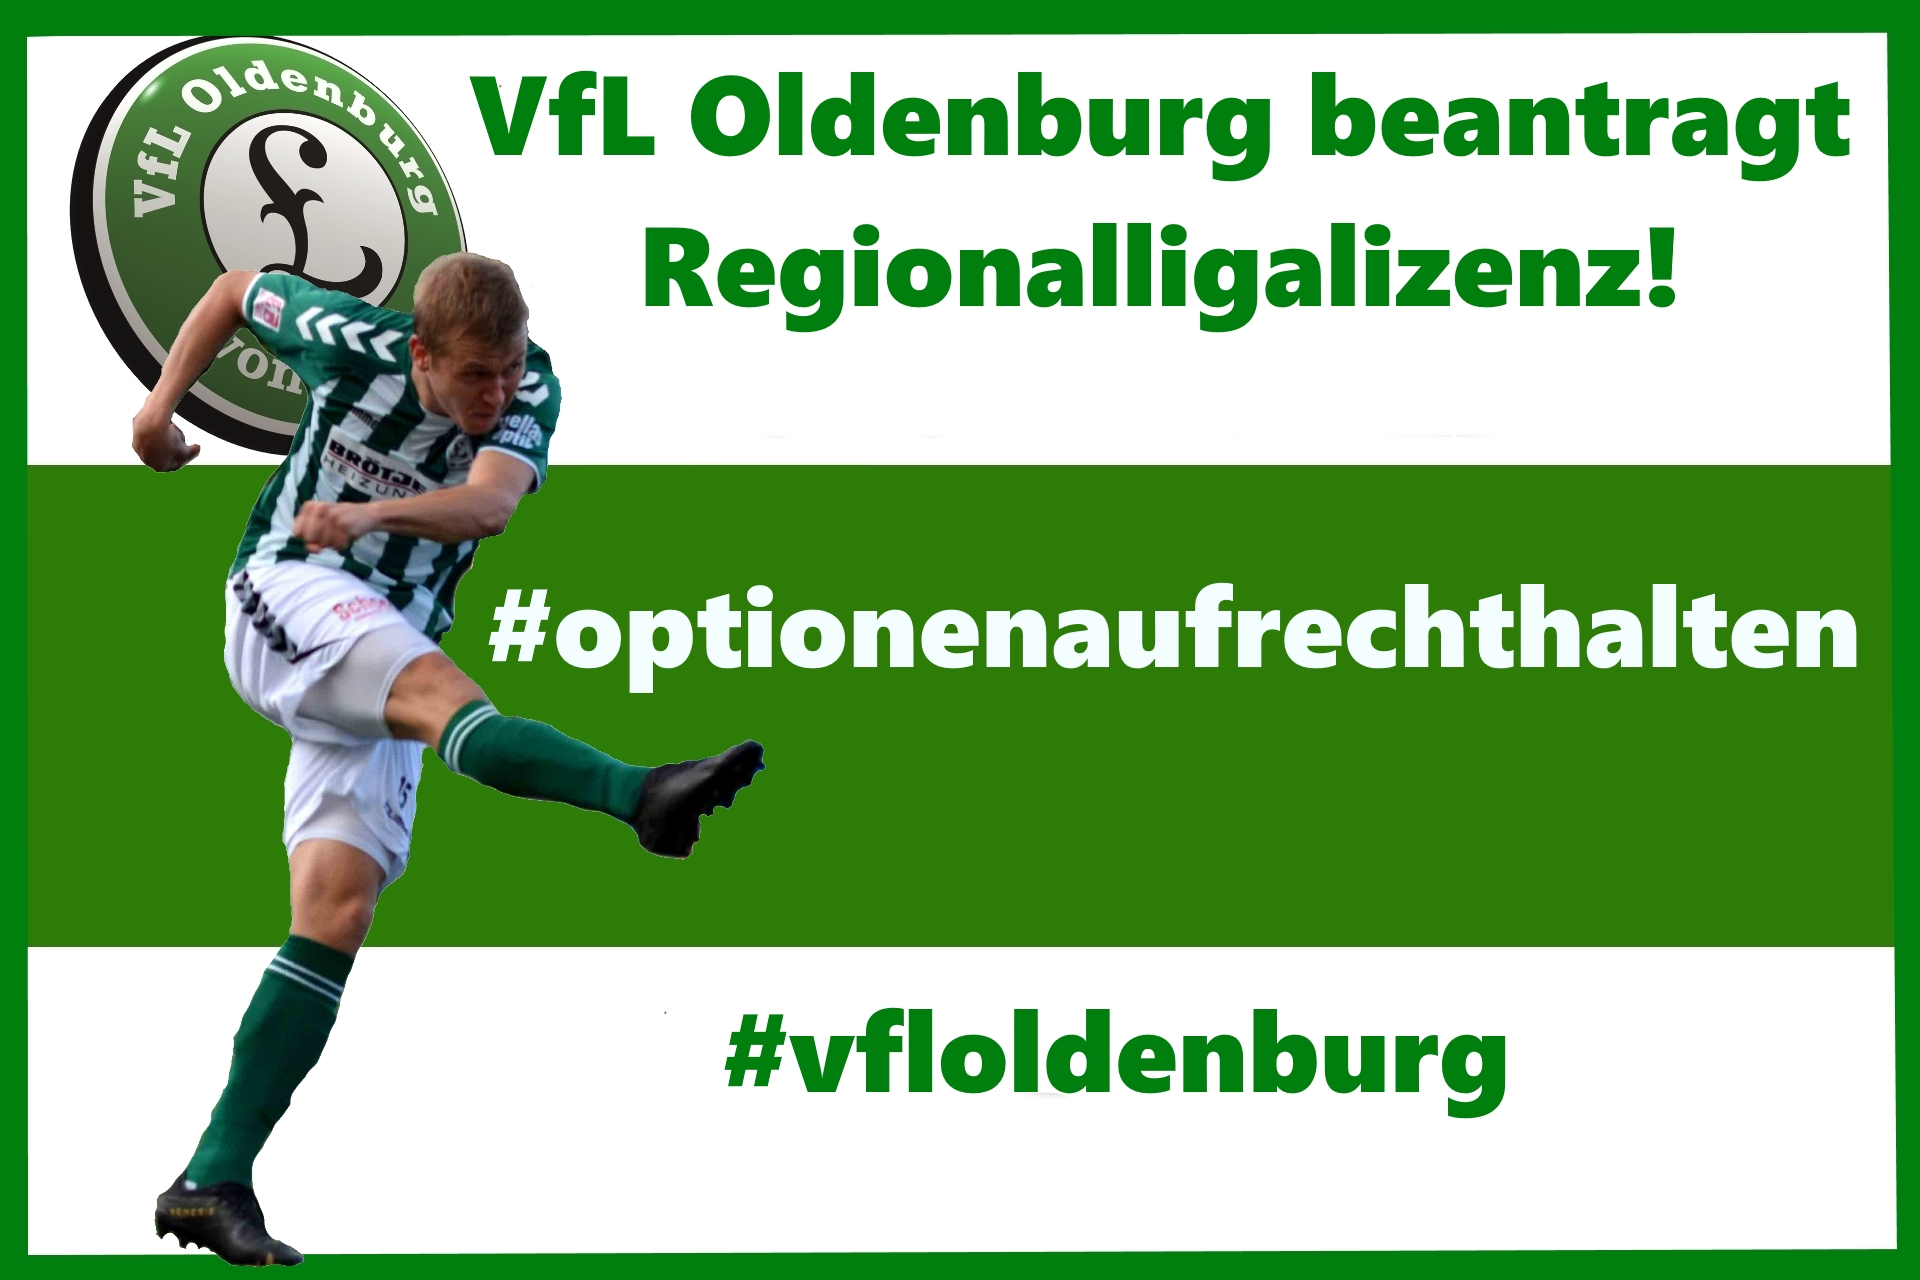 VfL Oldenburg stellt Antrag auf Regionalligalizenz